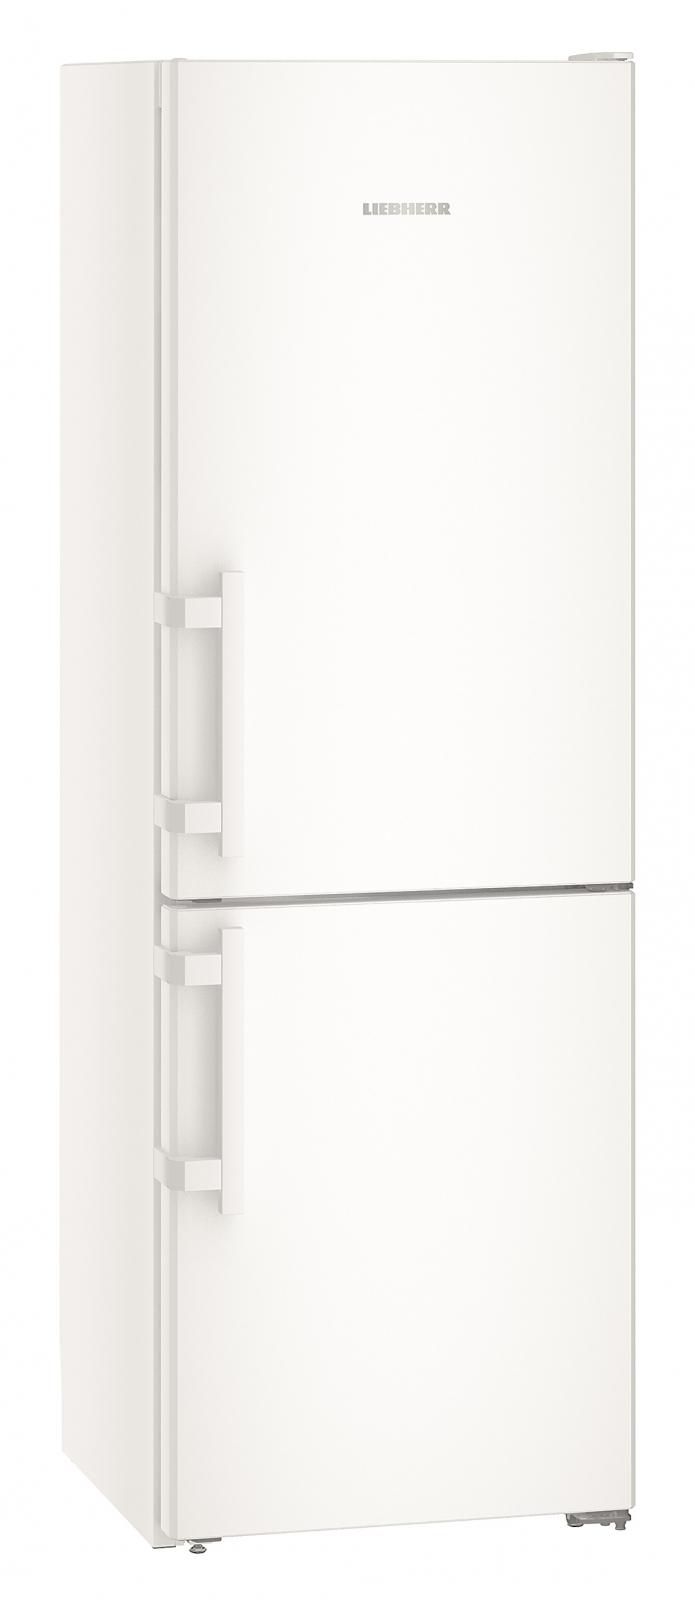 купить Двухкамерный холодильник Liebherr C 3525 Украина фото 4